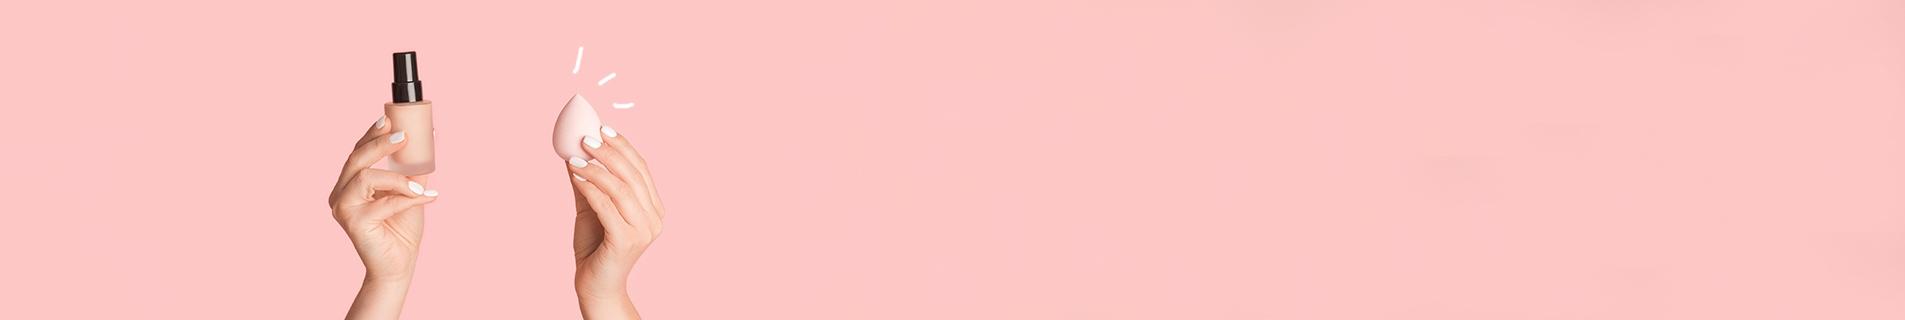 Palette maquillage pas chère   Boutique de maquillage en ligne   SAGA Cosmetics